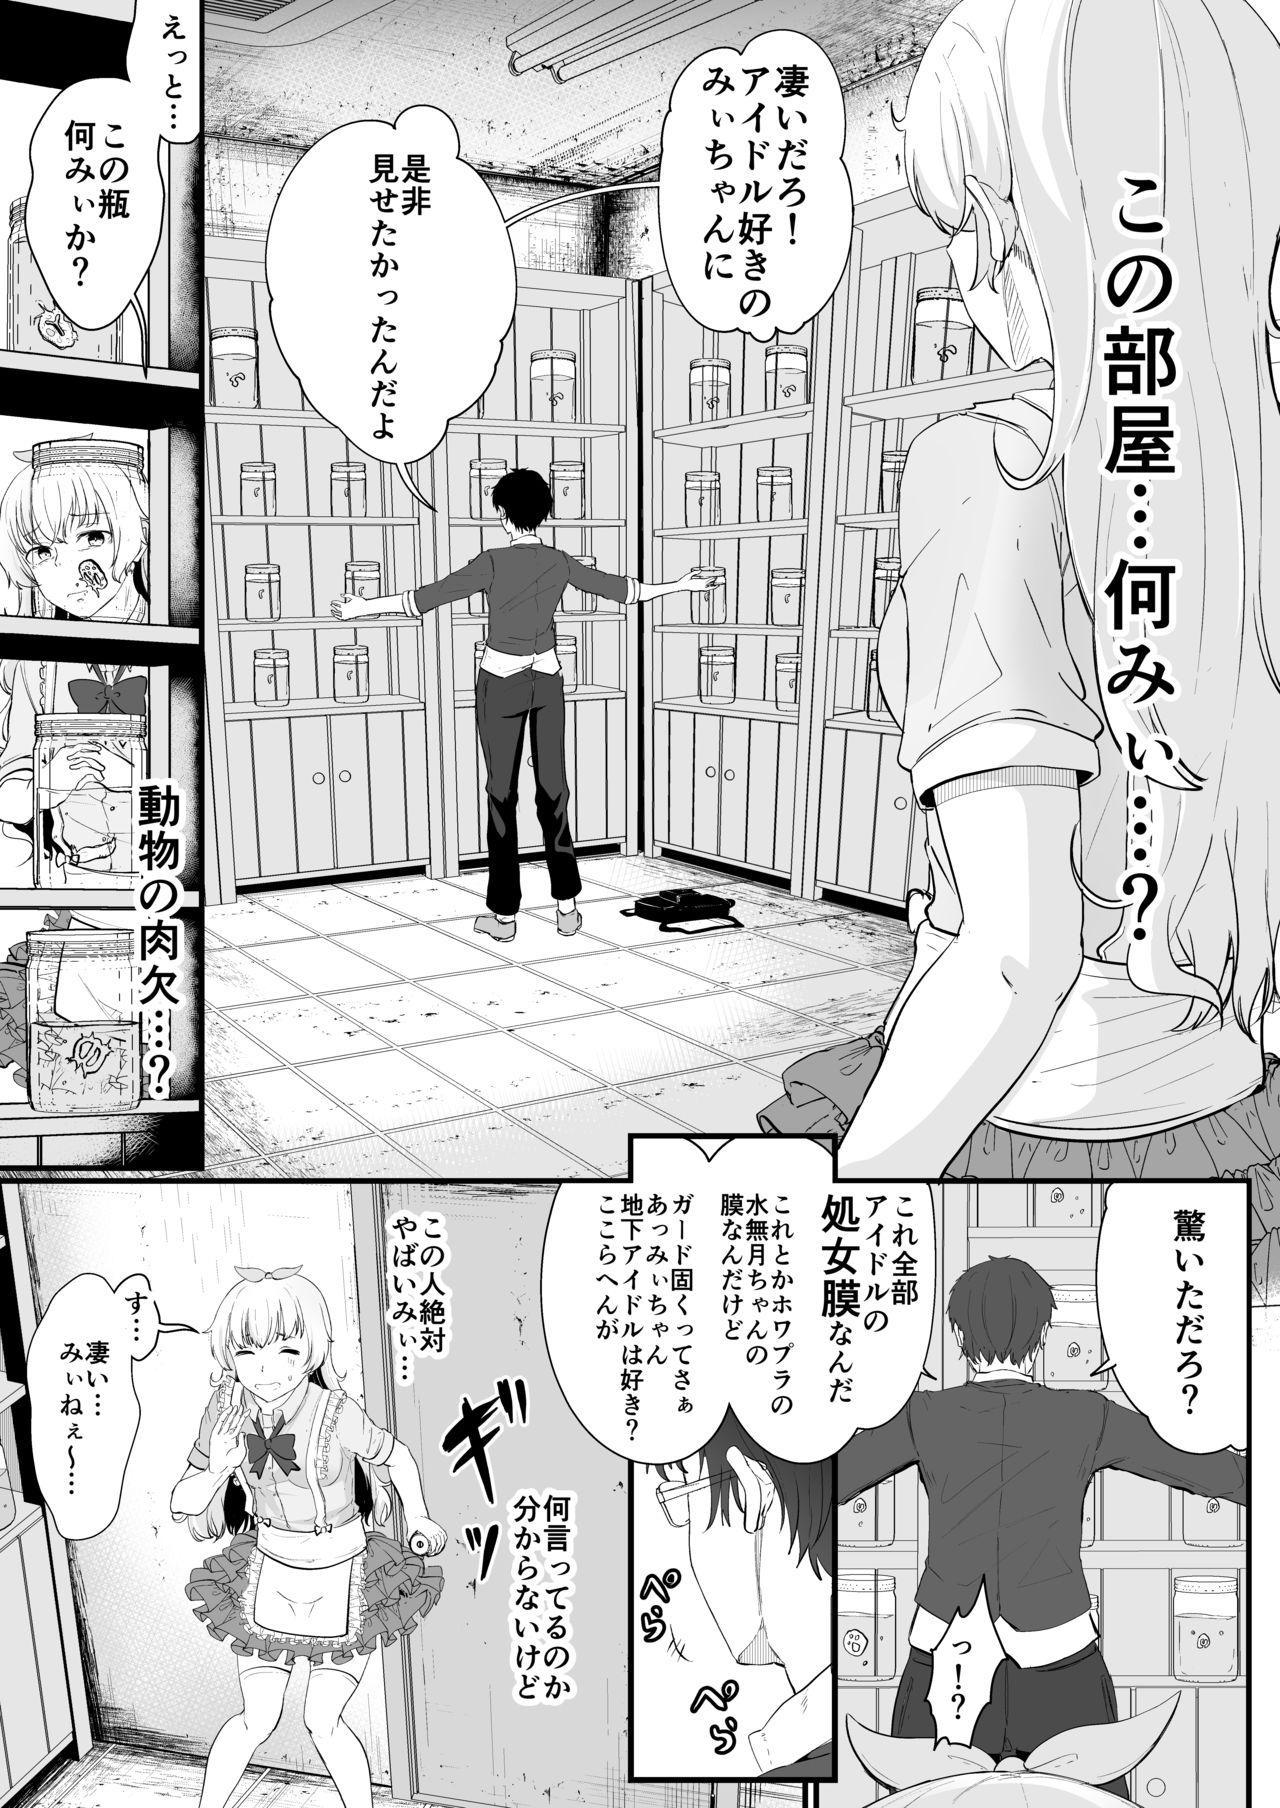 Mii Senpai ga Shojomaku Collector ni Shojomaku o Ubawareru Hon 7